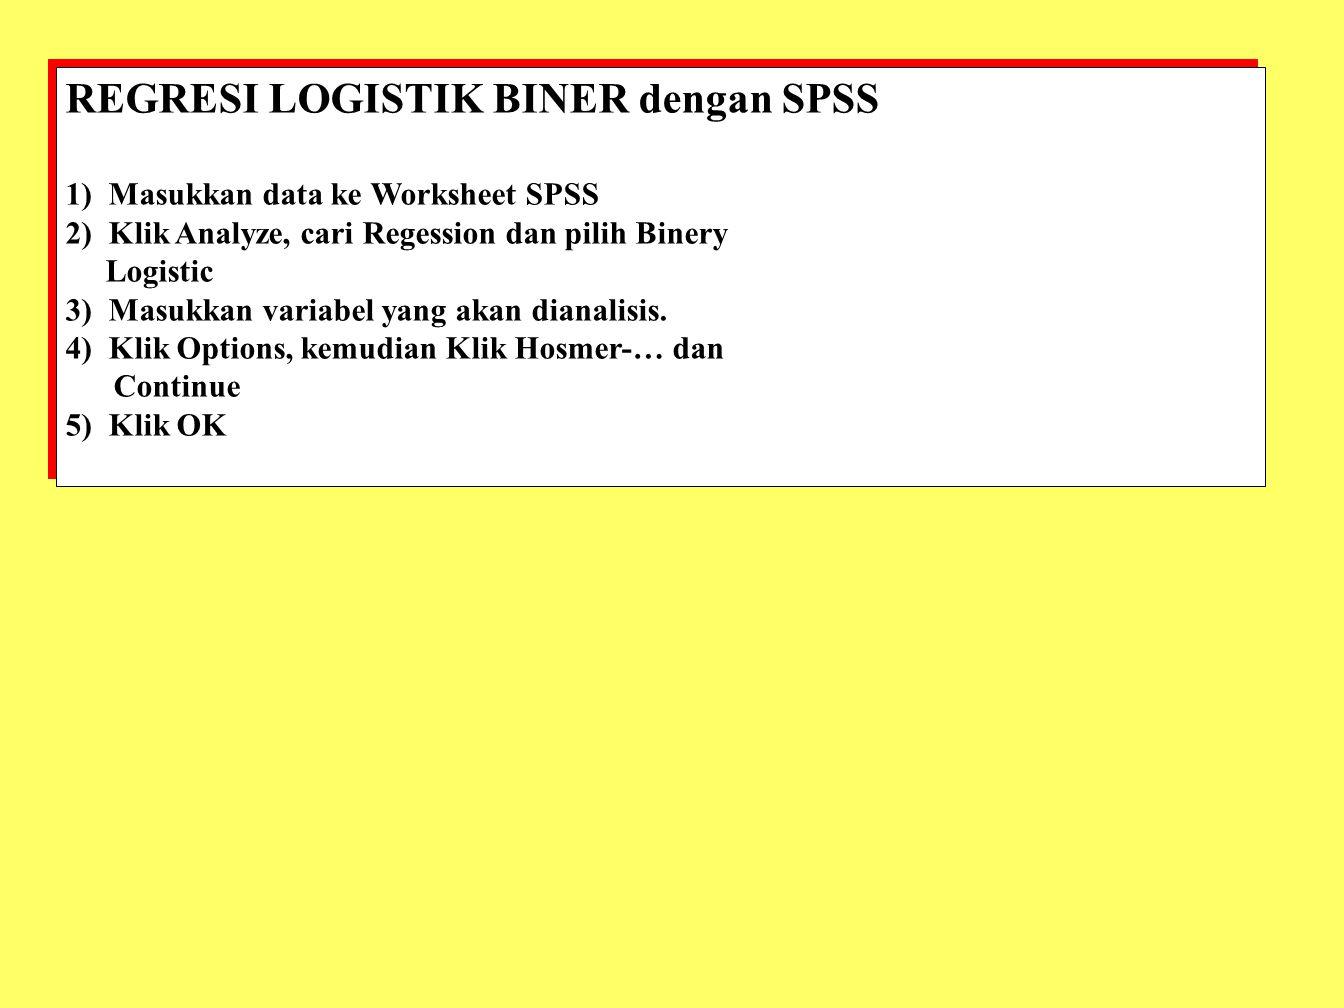 REGRESI LOGISTIK BINER dengan SPSS